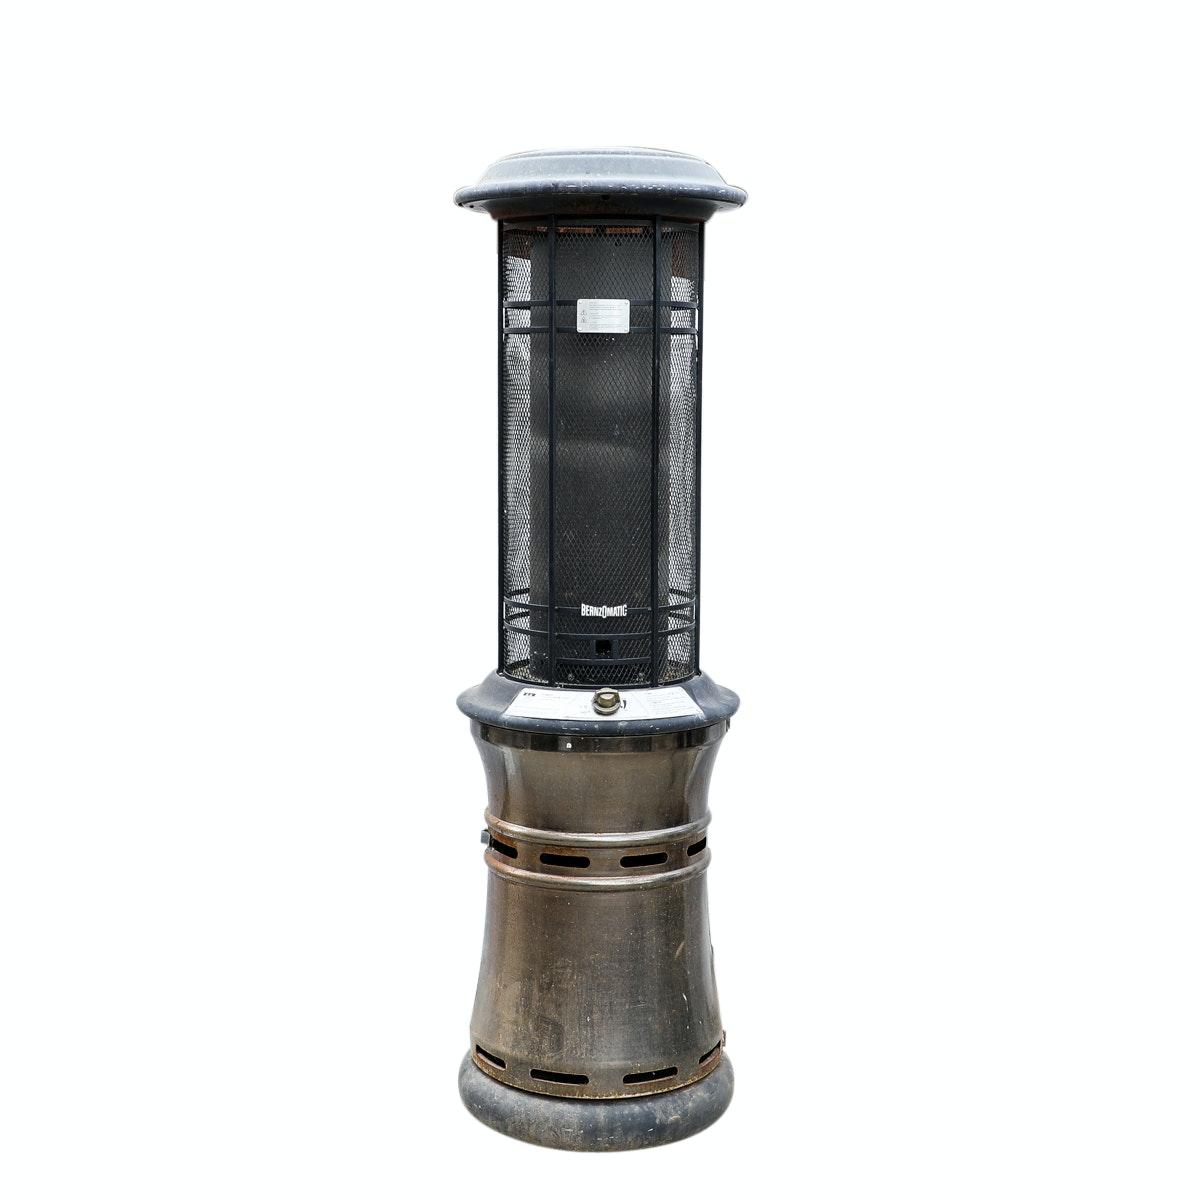 Bernzomatic Heat lamp